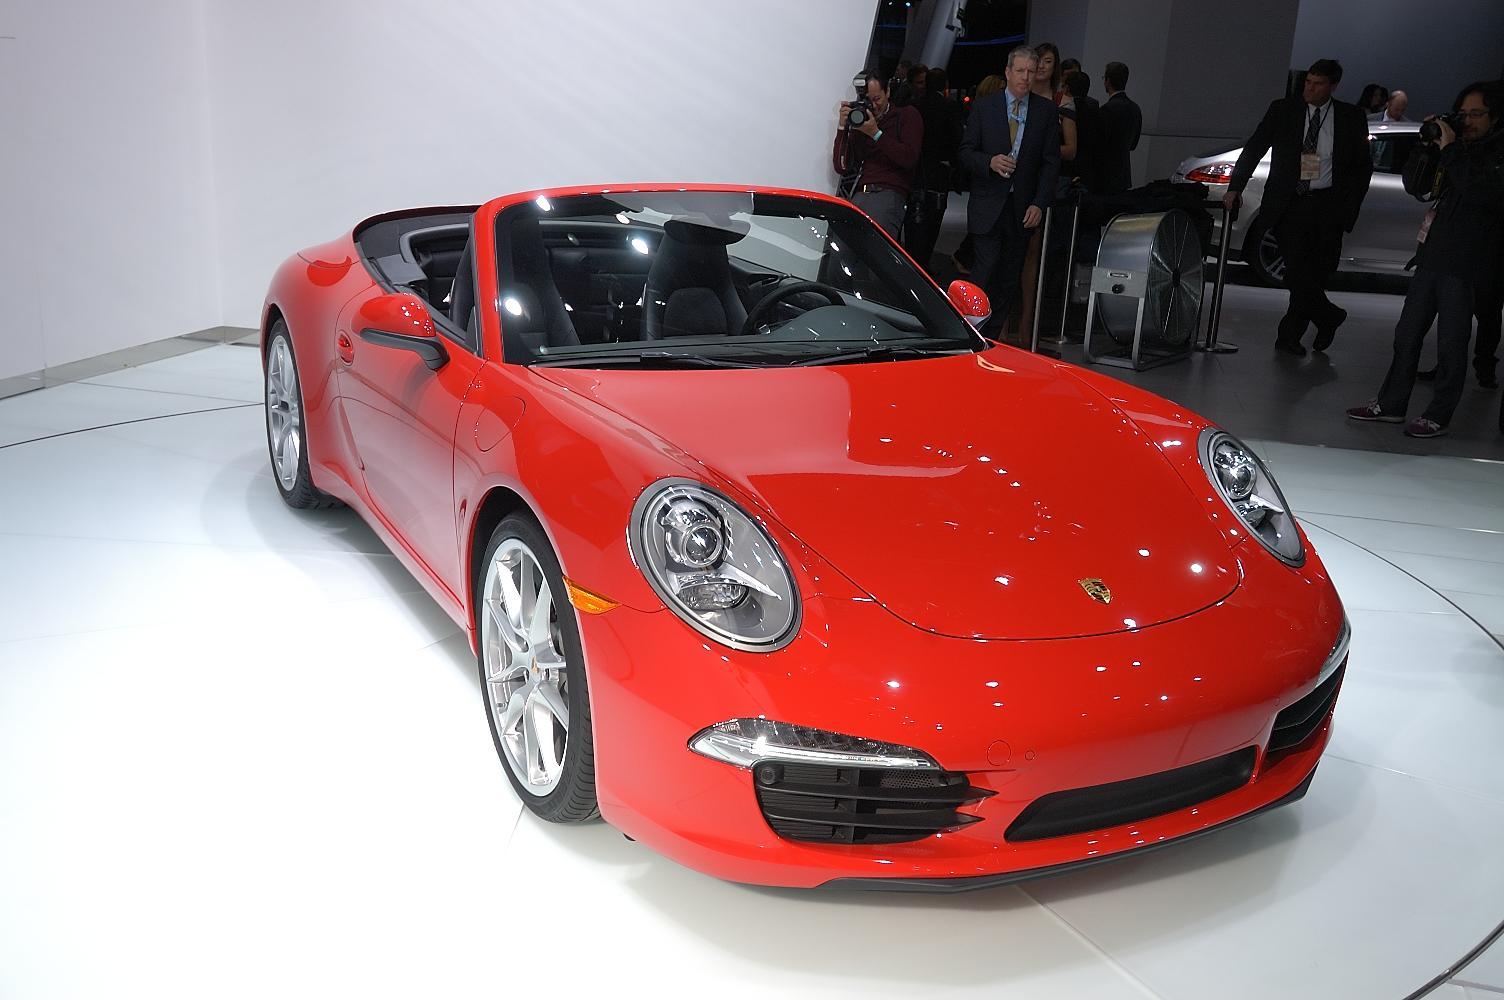 Porsche 911 Cabriolet NAIAS 2012